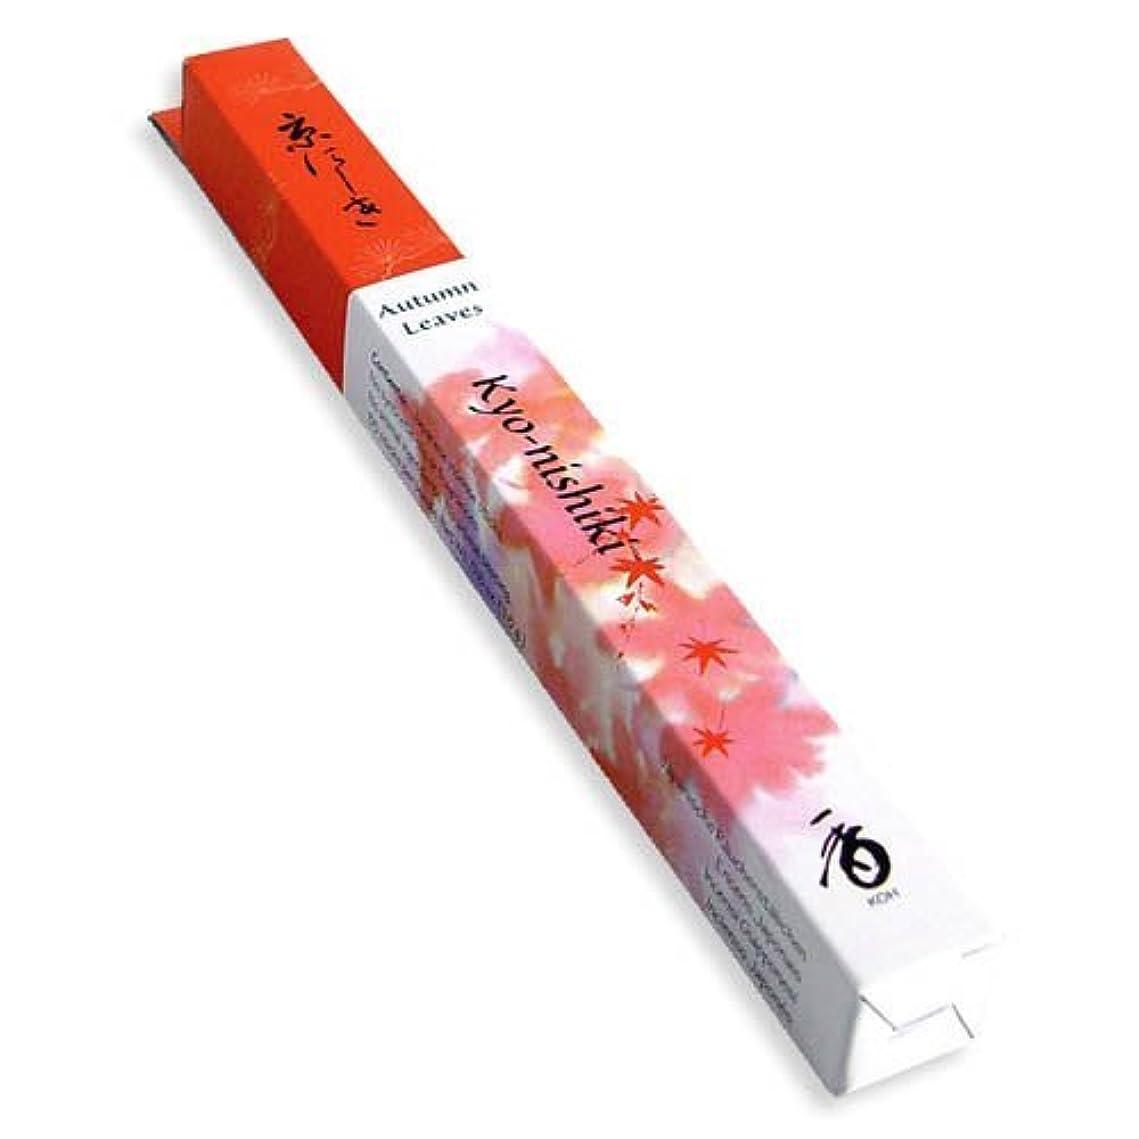 過度の計画言い聞かせるShoyeido's Kyoto Autumn Leaves Incense 35 sticks - Kyo-nishiki [並行輸入品]